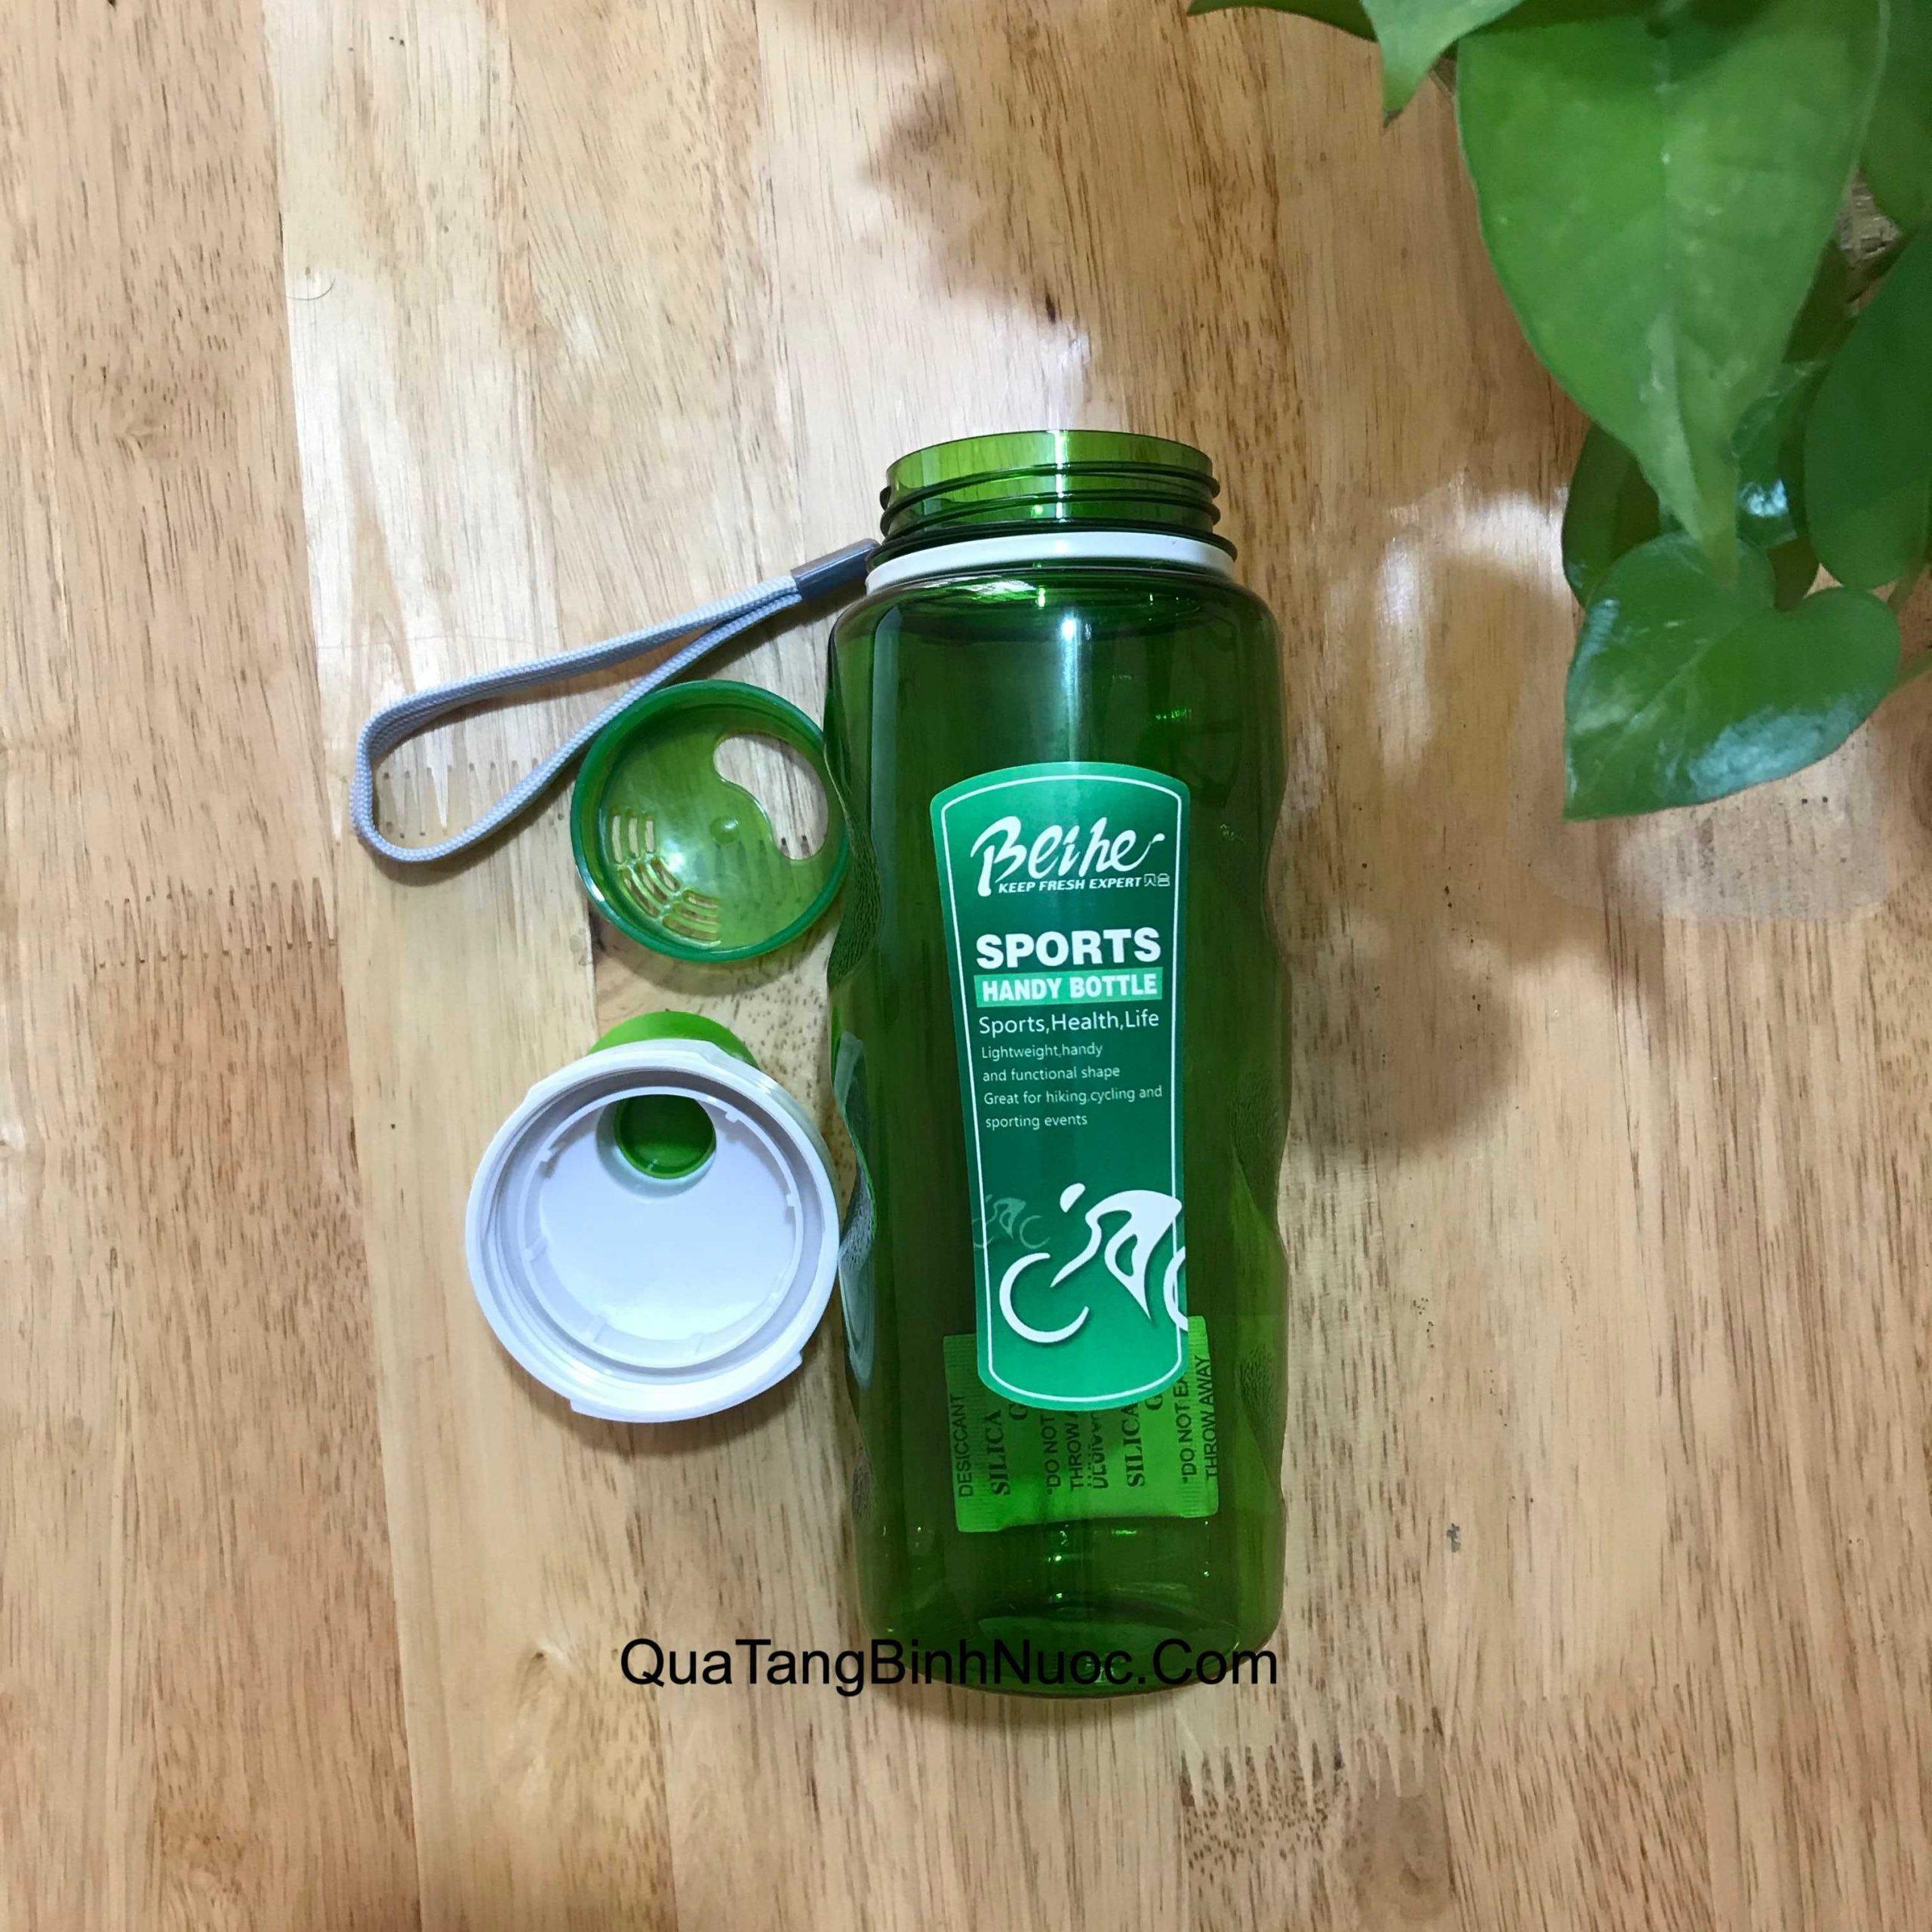 Bình Nước Nhựa Thể Thao Q010 7